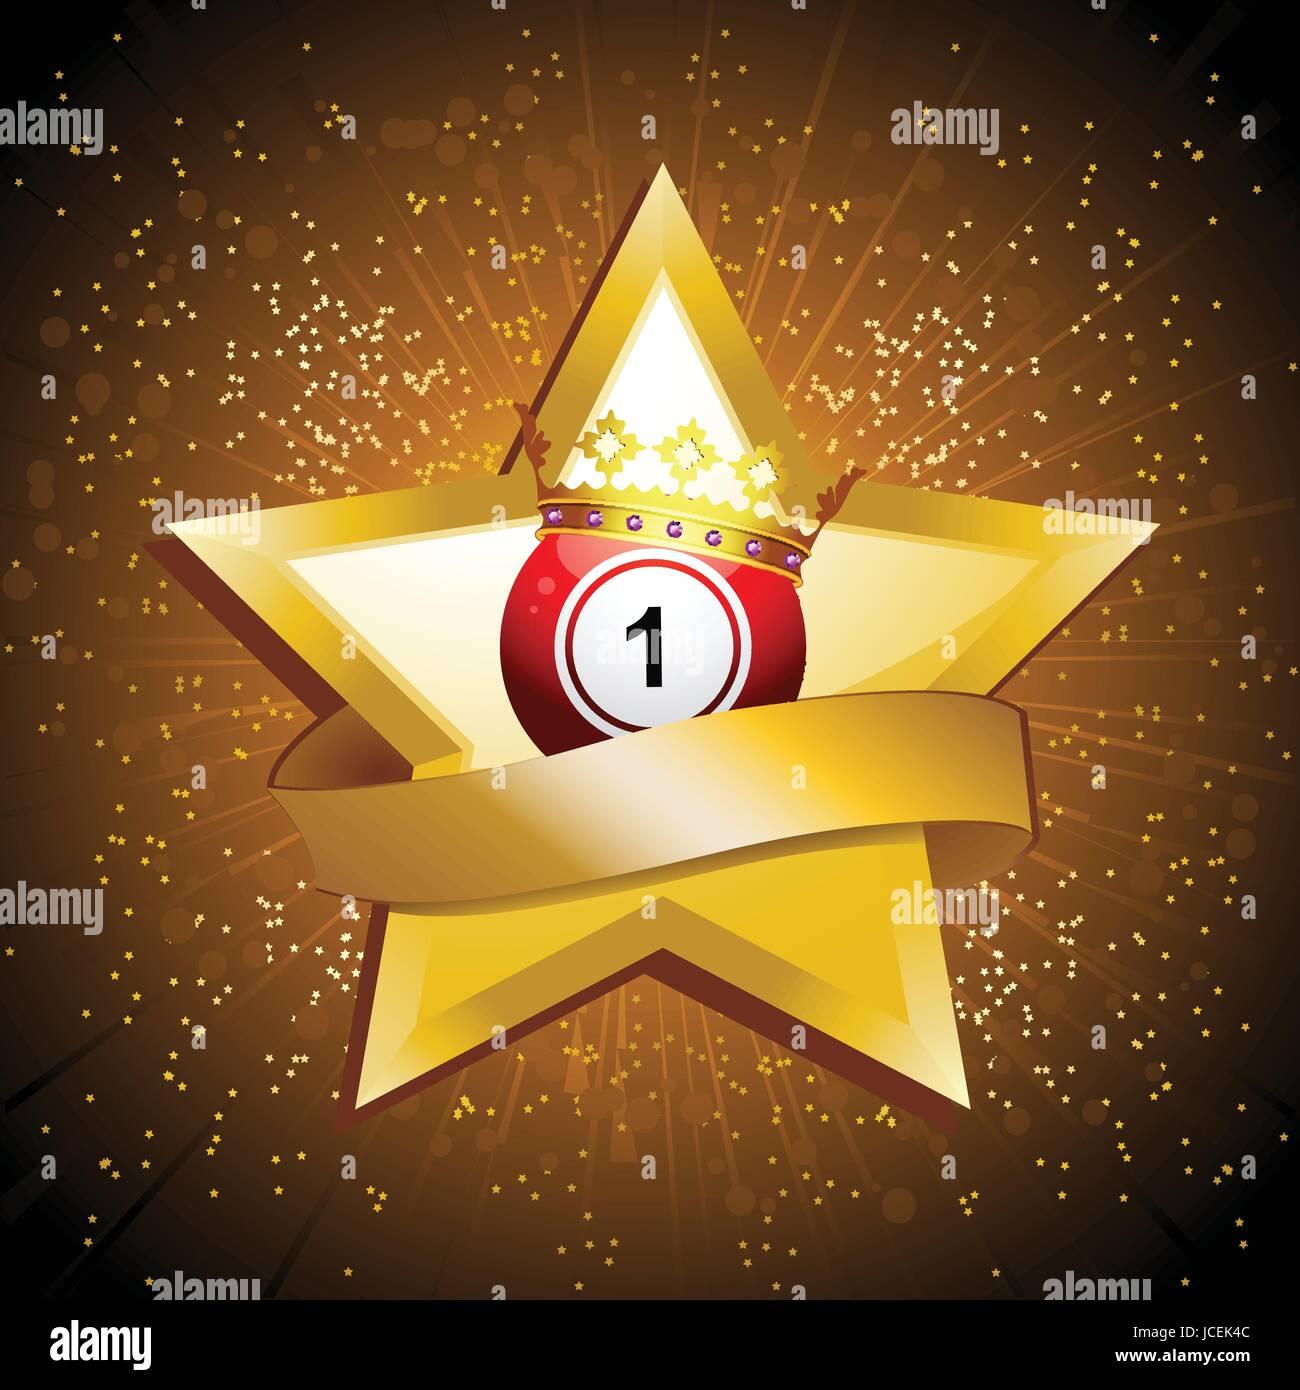 Rojo lotería Bingo bola número 1 con corona en Golden Star con Banner en blanco sobre fondo de ráfaga Imagen De Stock